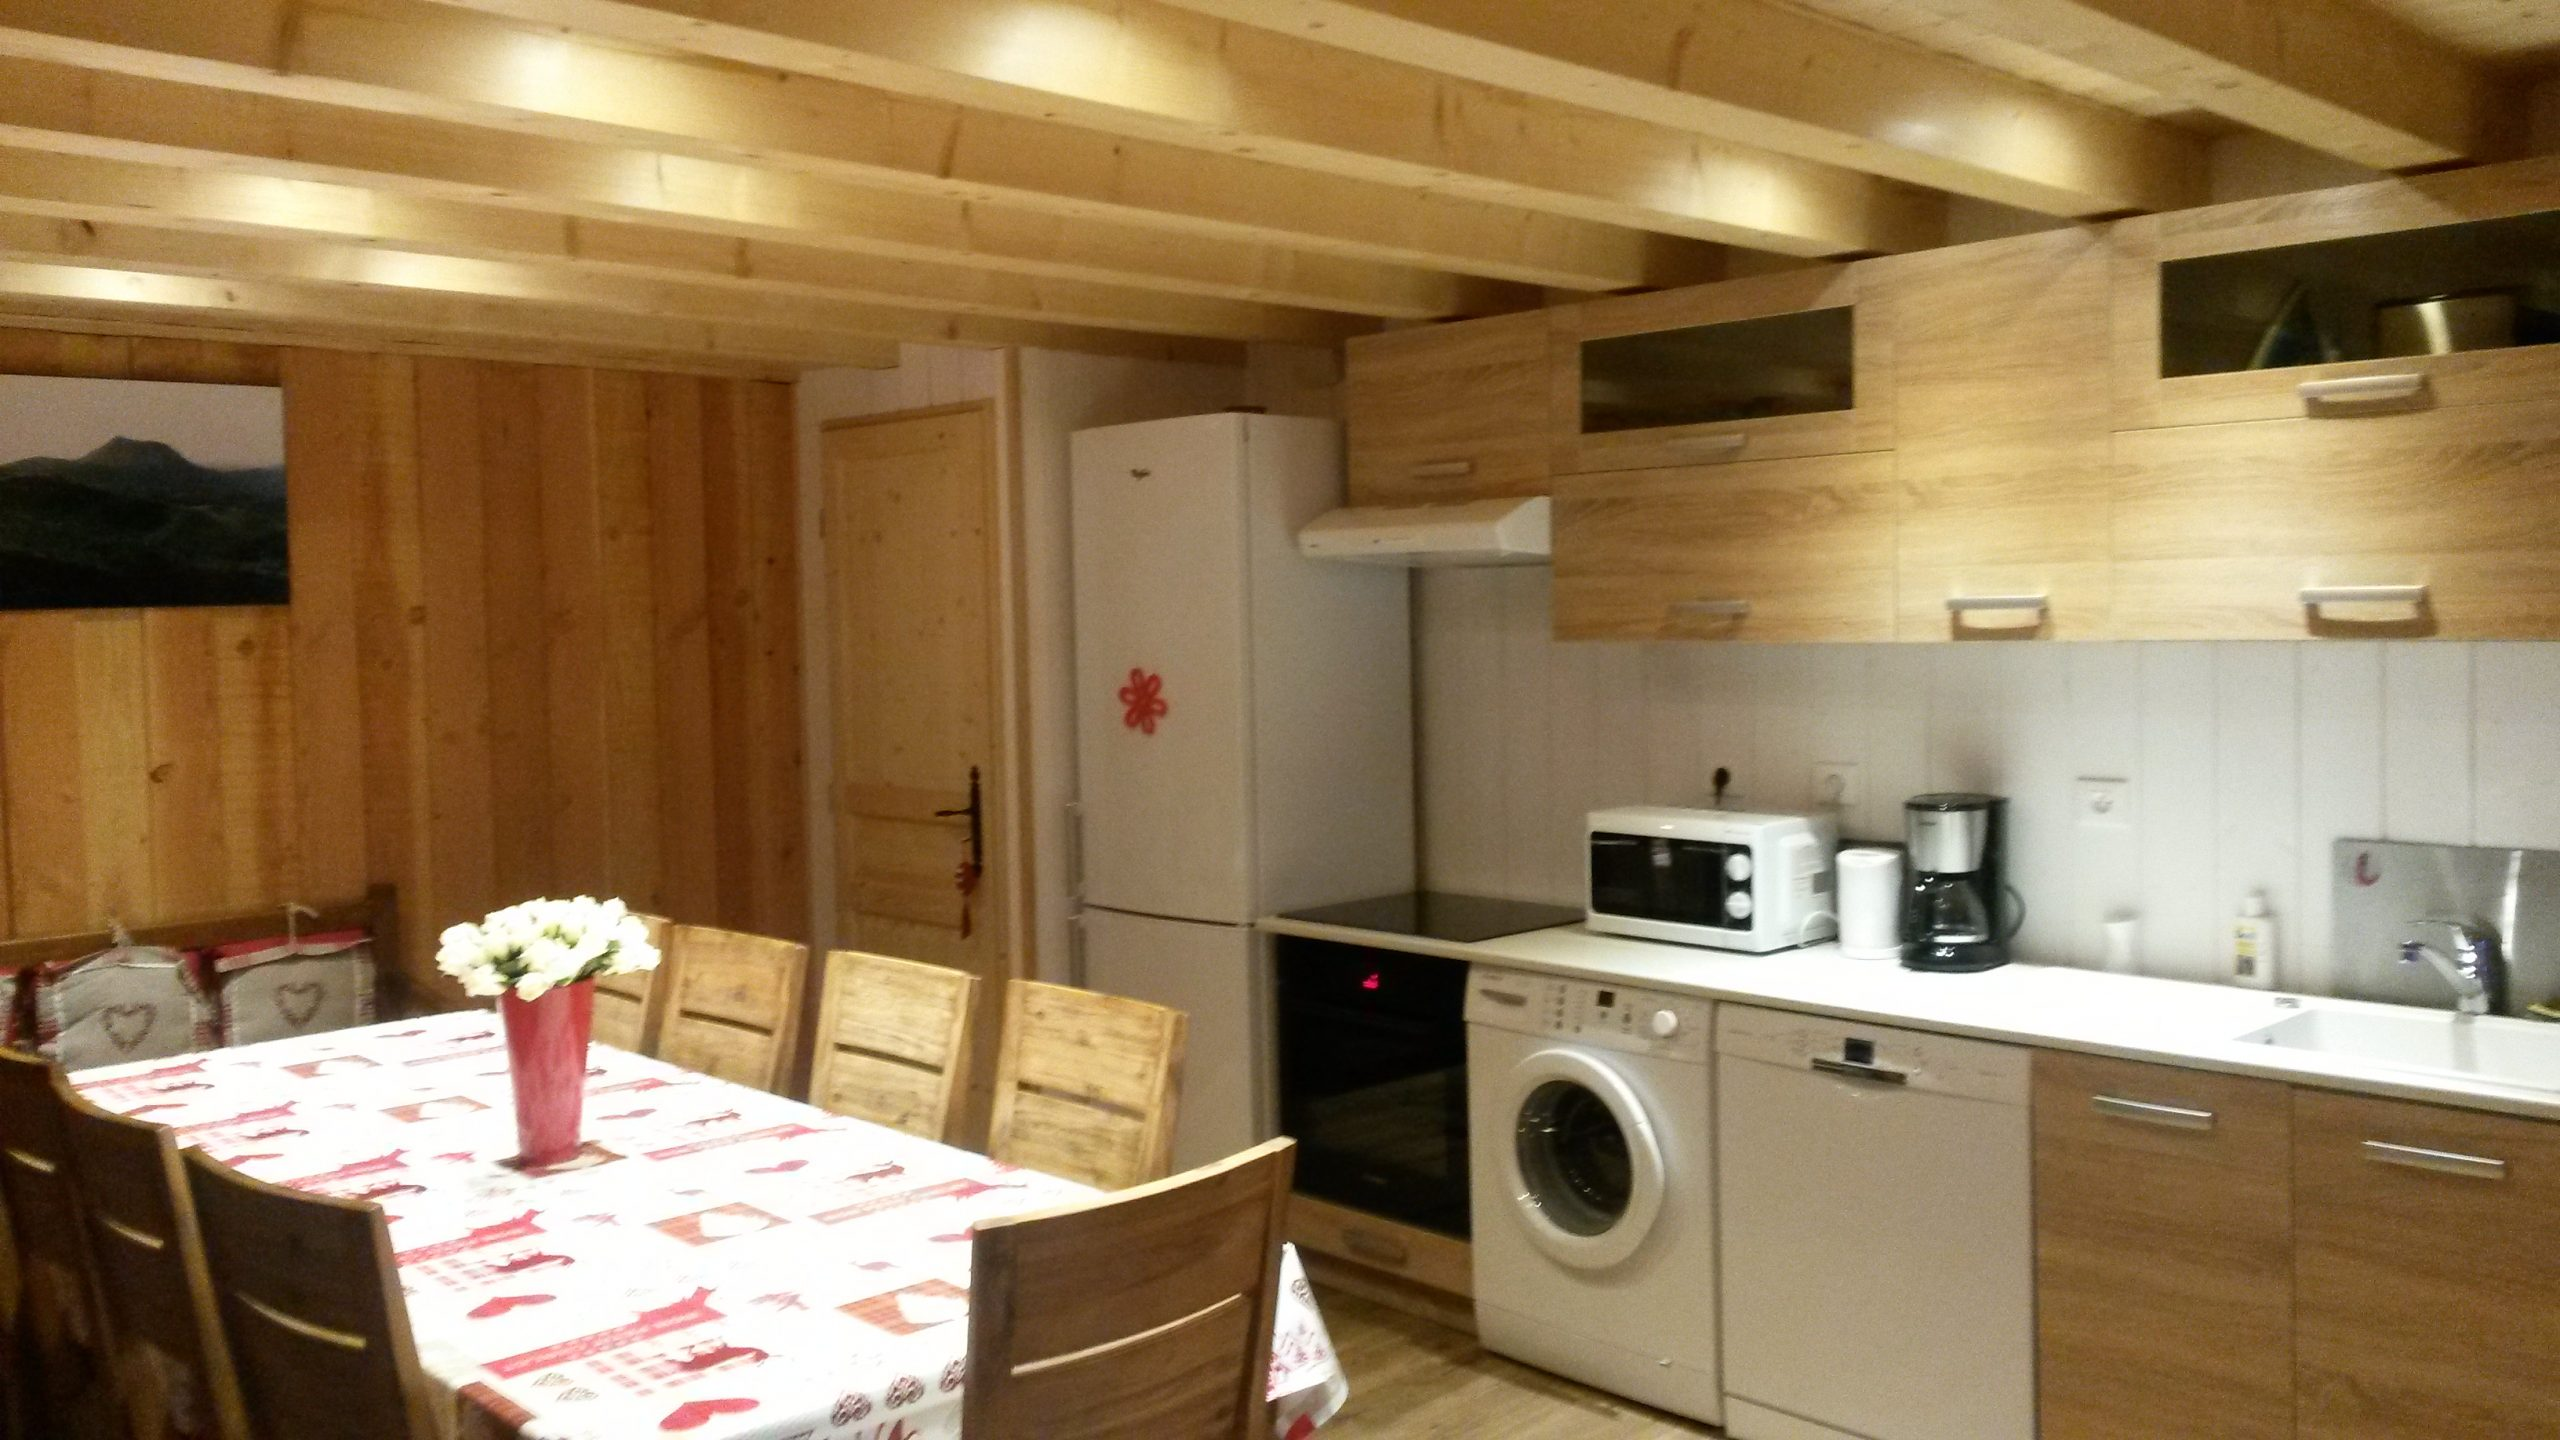 Installateur Climatisation Puy De Dome location d'un grand gîte chalet dans le puy-de-dôme en auvergne